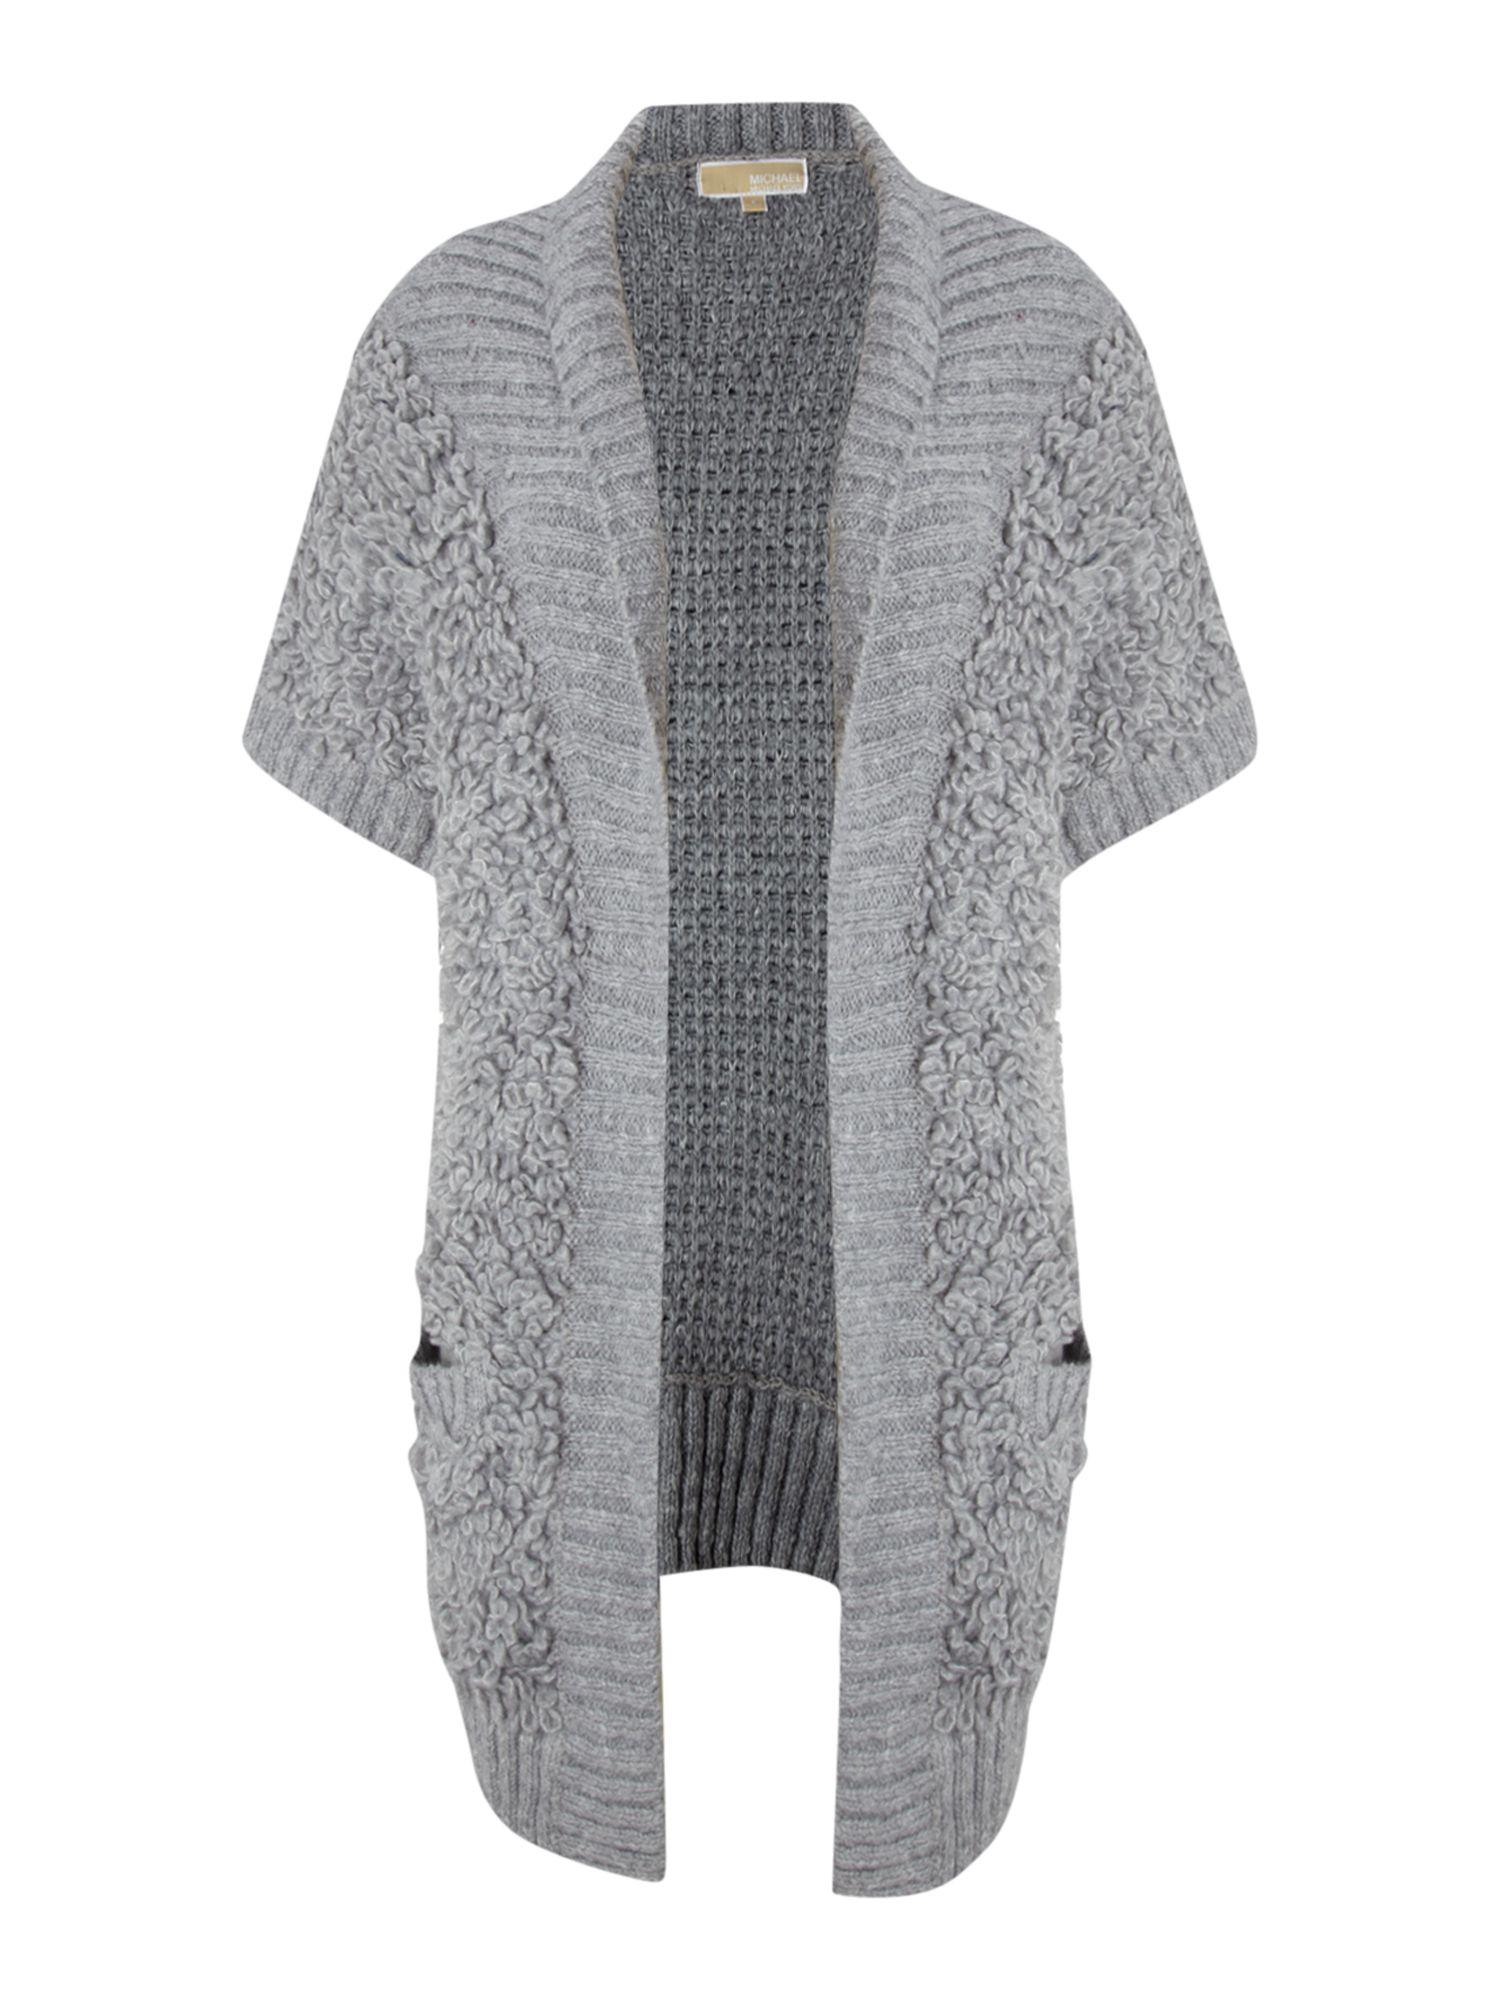 Michael Michael Kors Short Sleeve Loop Knit Cardigan In